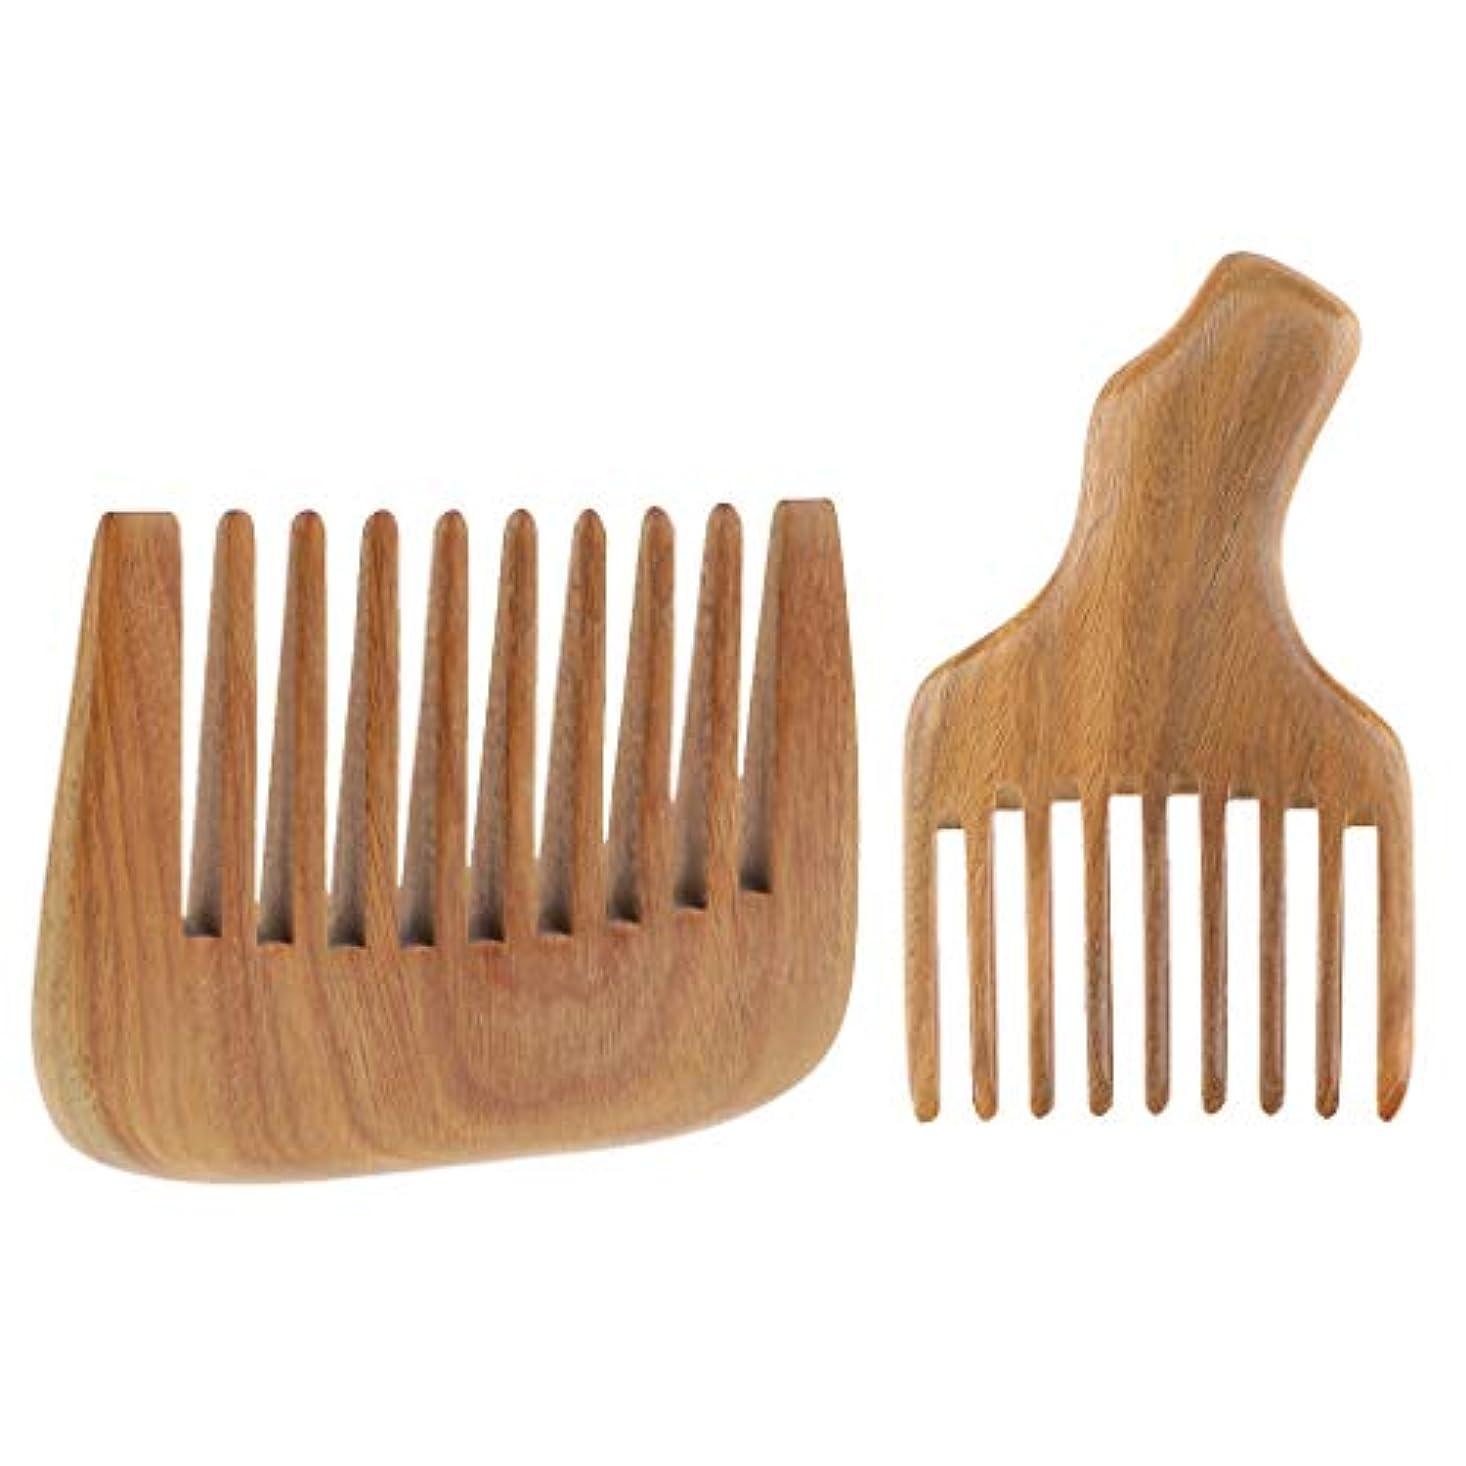 有限前提条件降下2個 木製櫛 ウッドコーム ワイド歯 静電気防止 櫛 くし 高品質